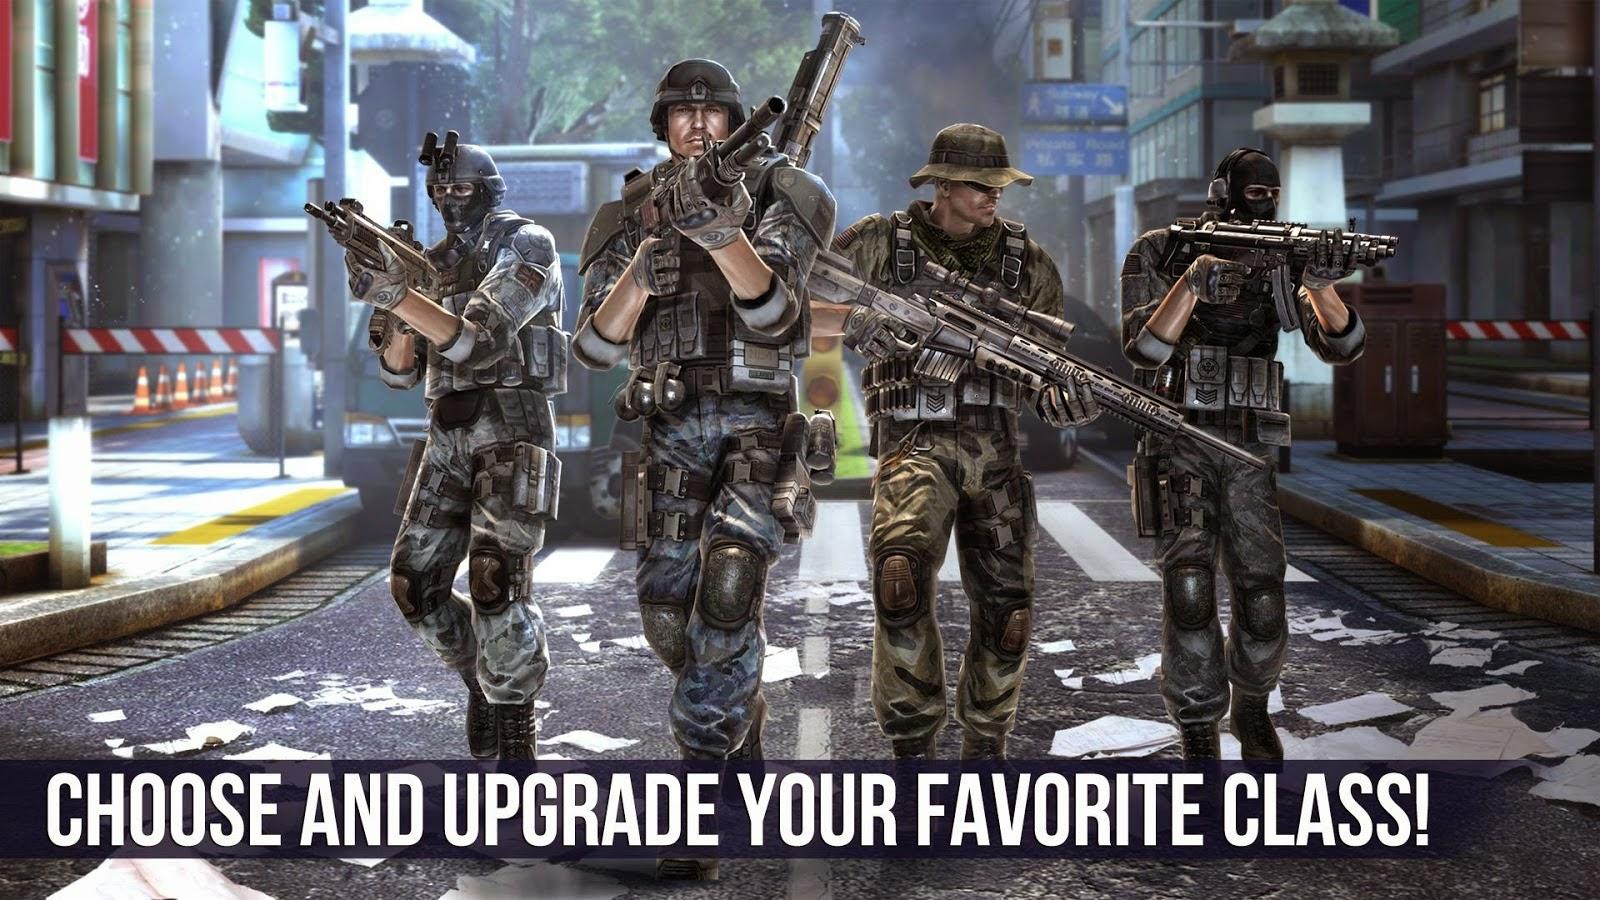 لعبة الاكشن المنتظرة Modern Combat 5 Blackout مدفوعة للاندرويد